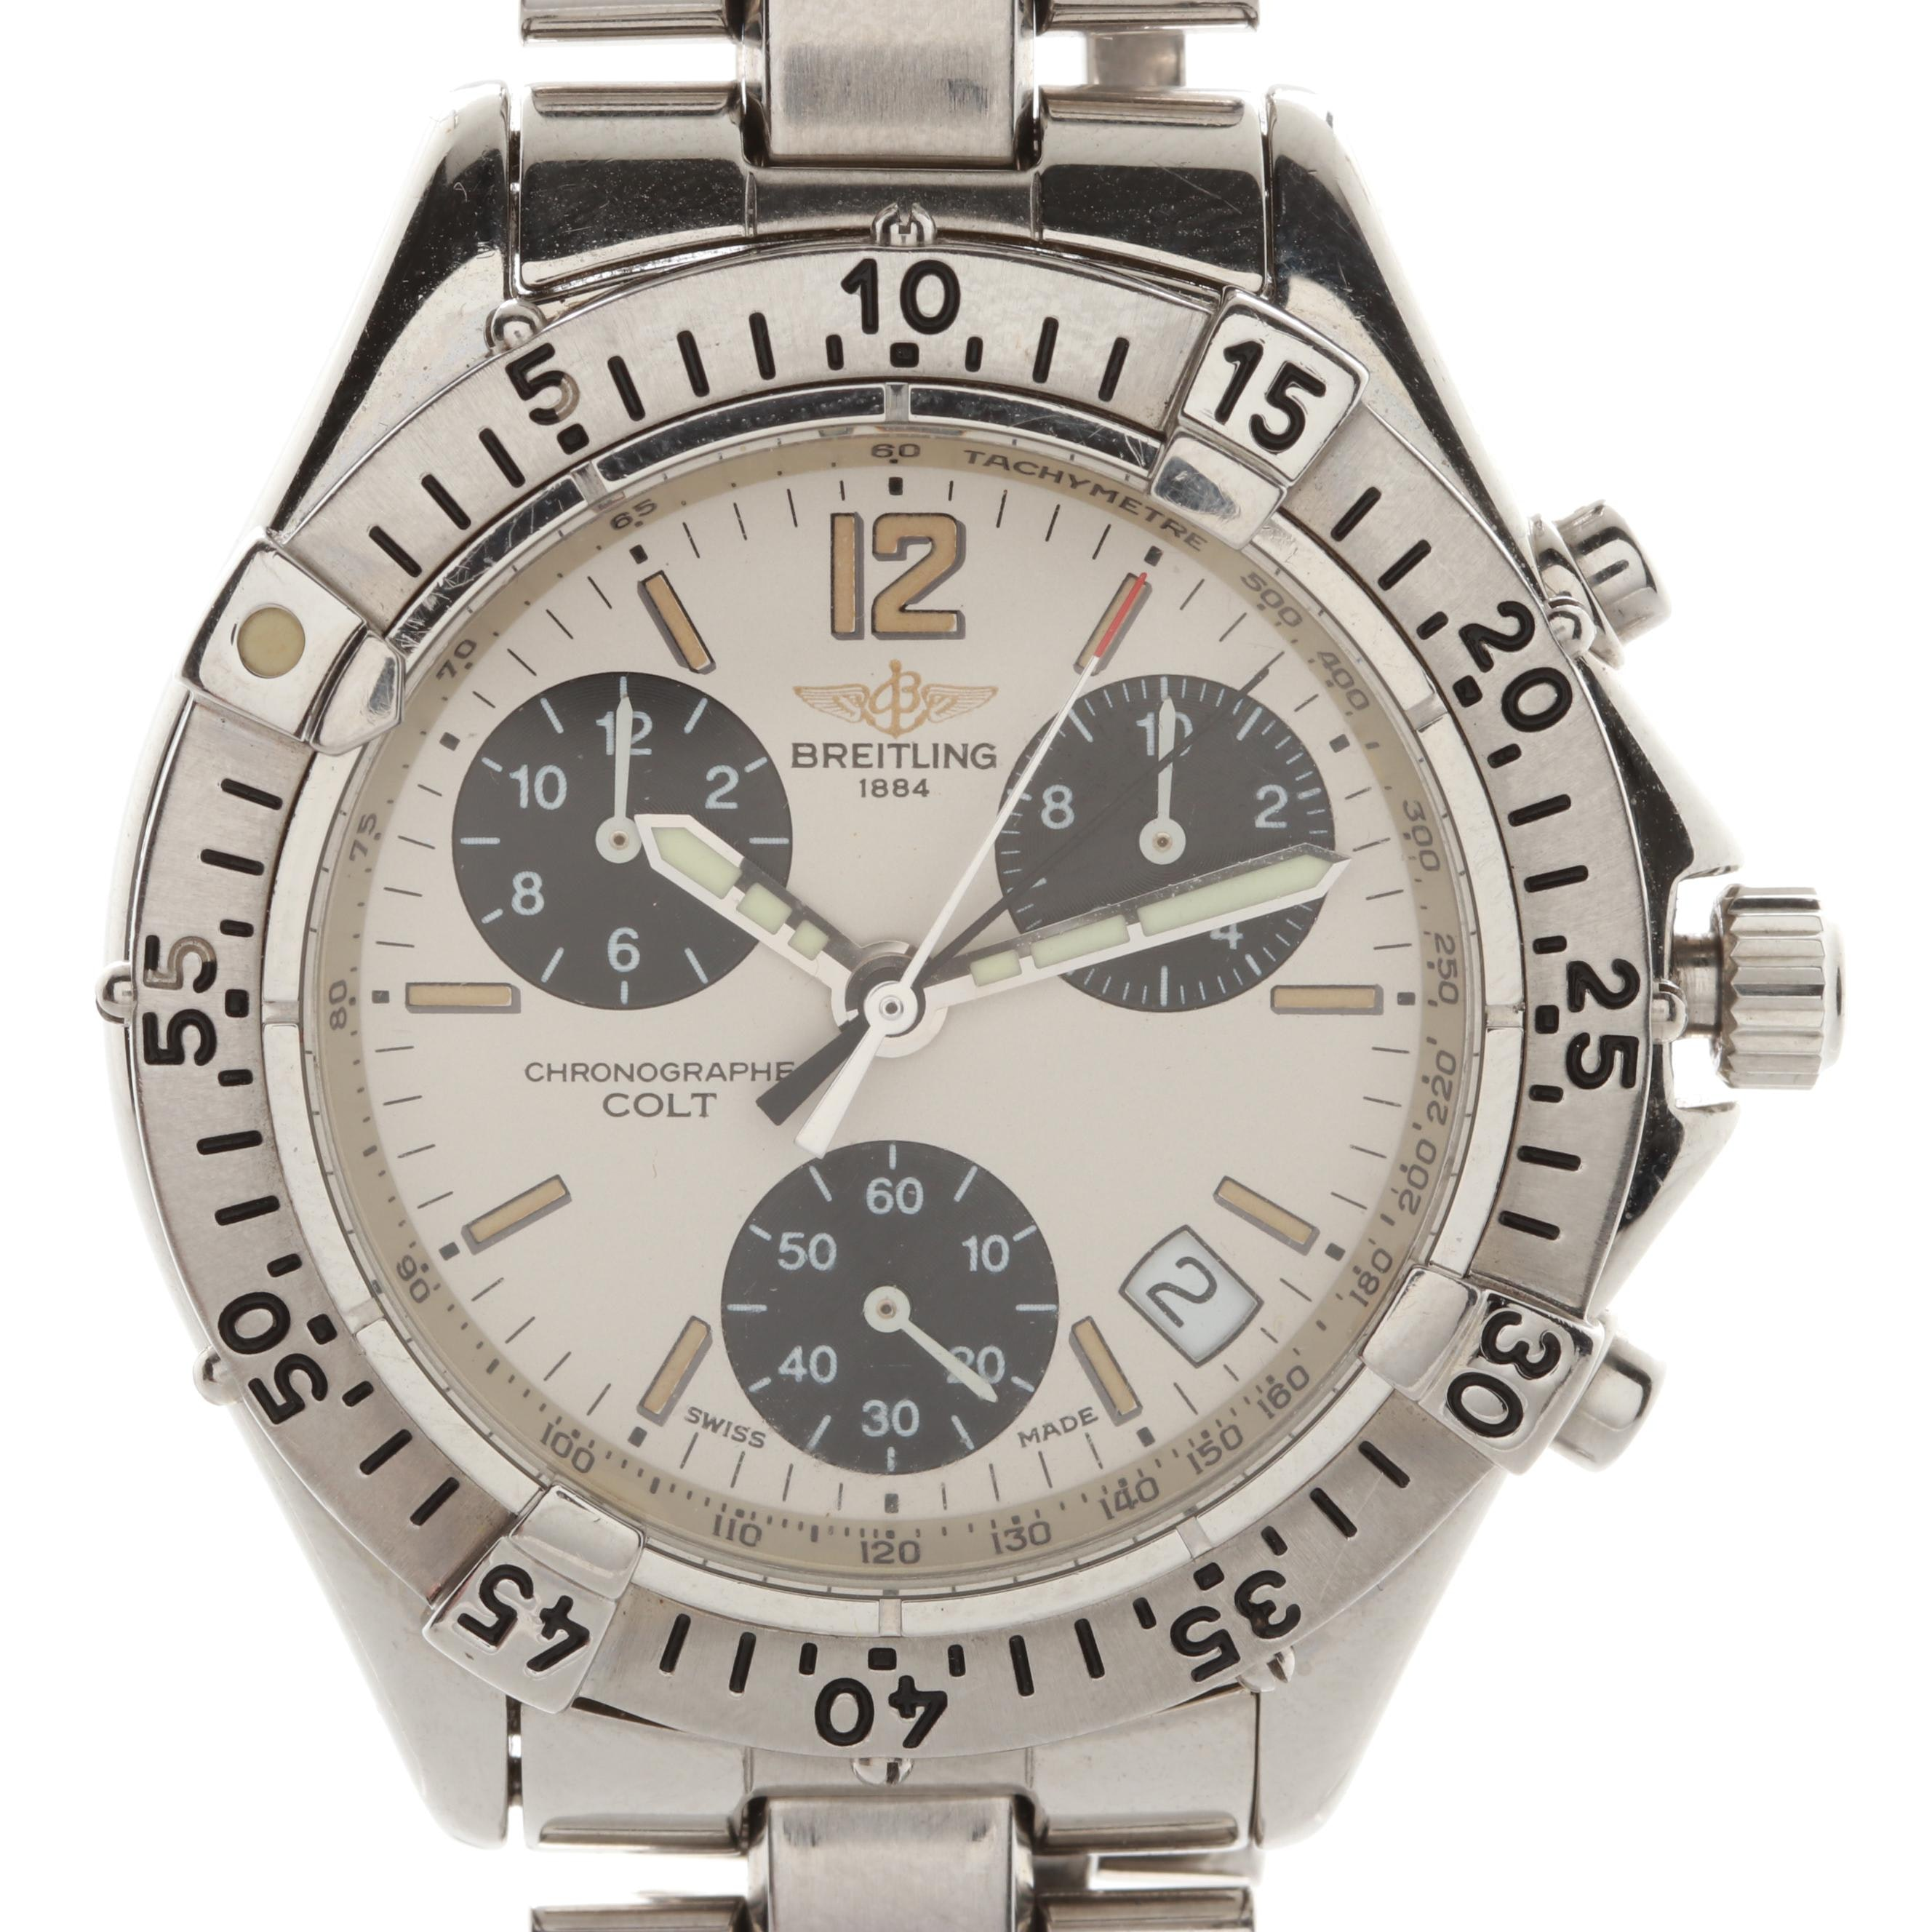 Breitling Chrono Colt Quartz Wristwatch